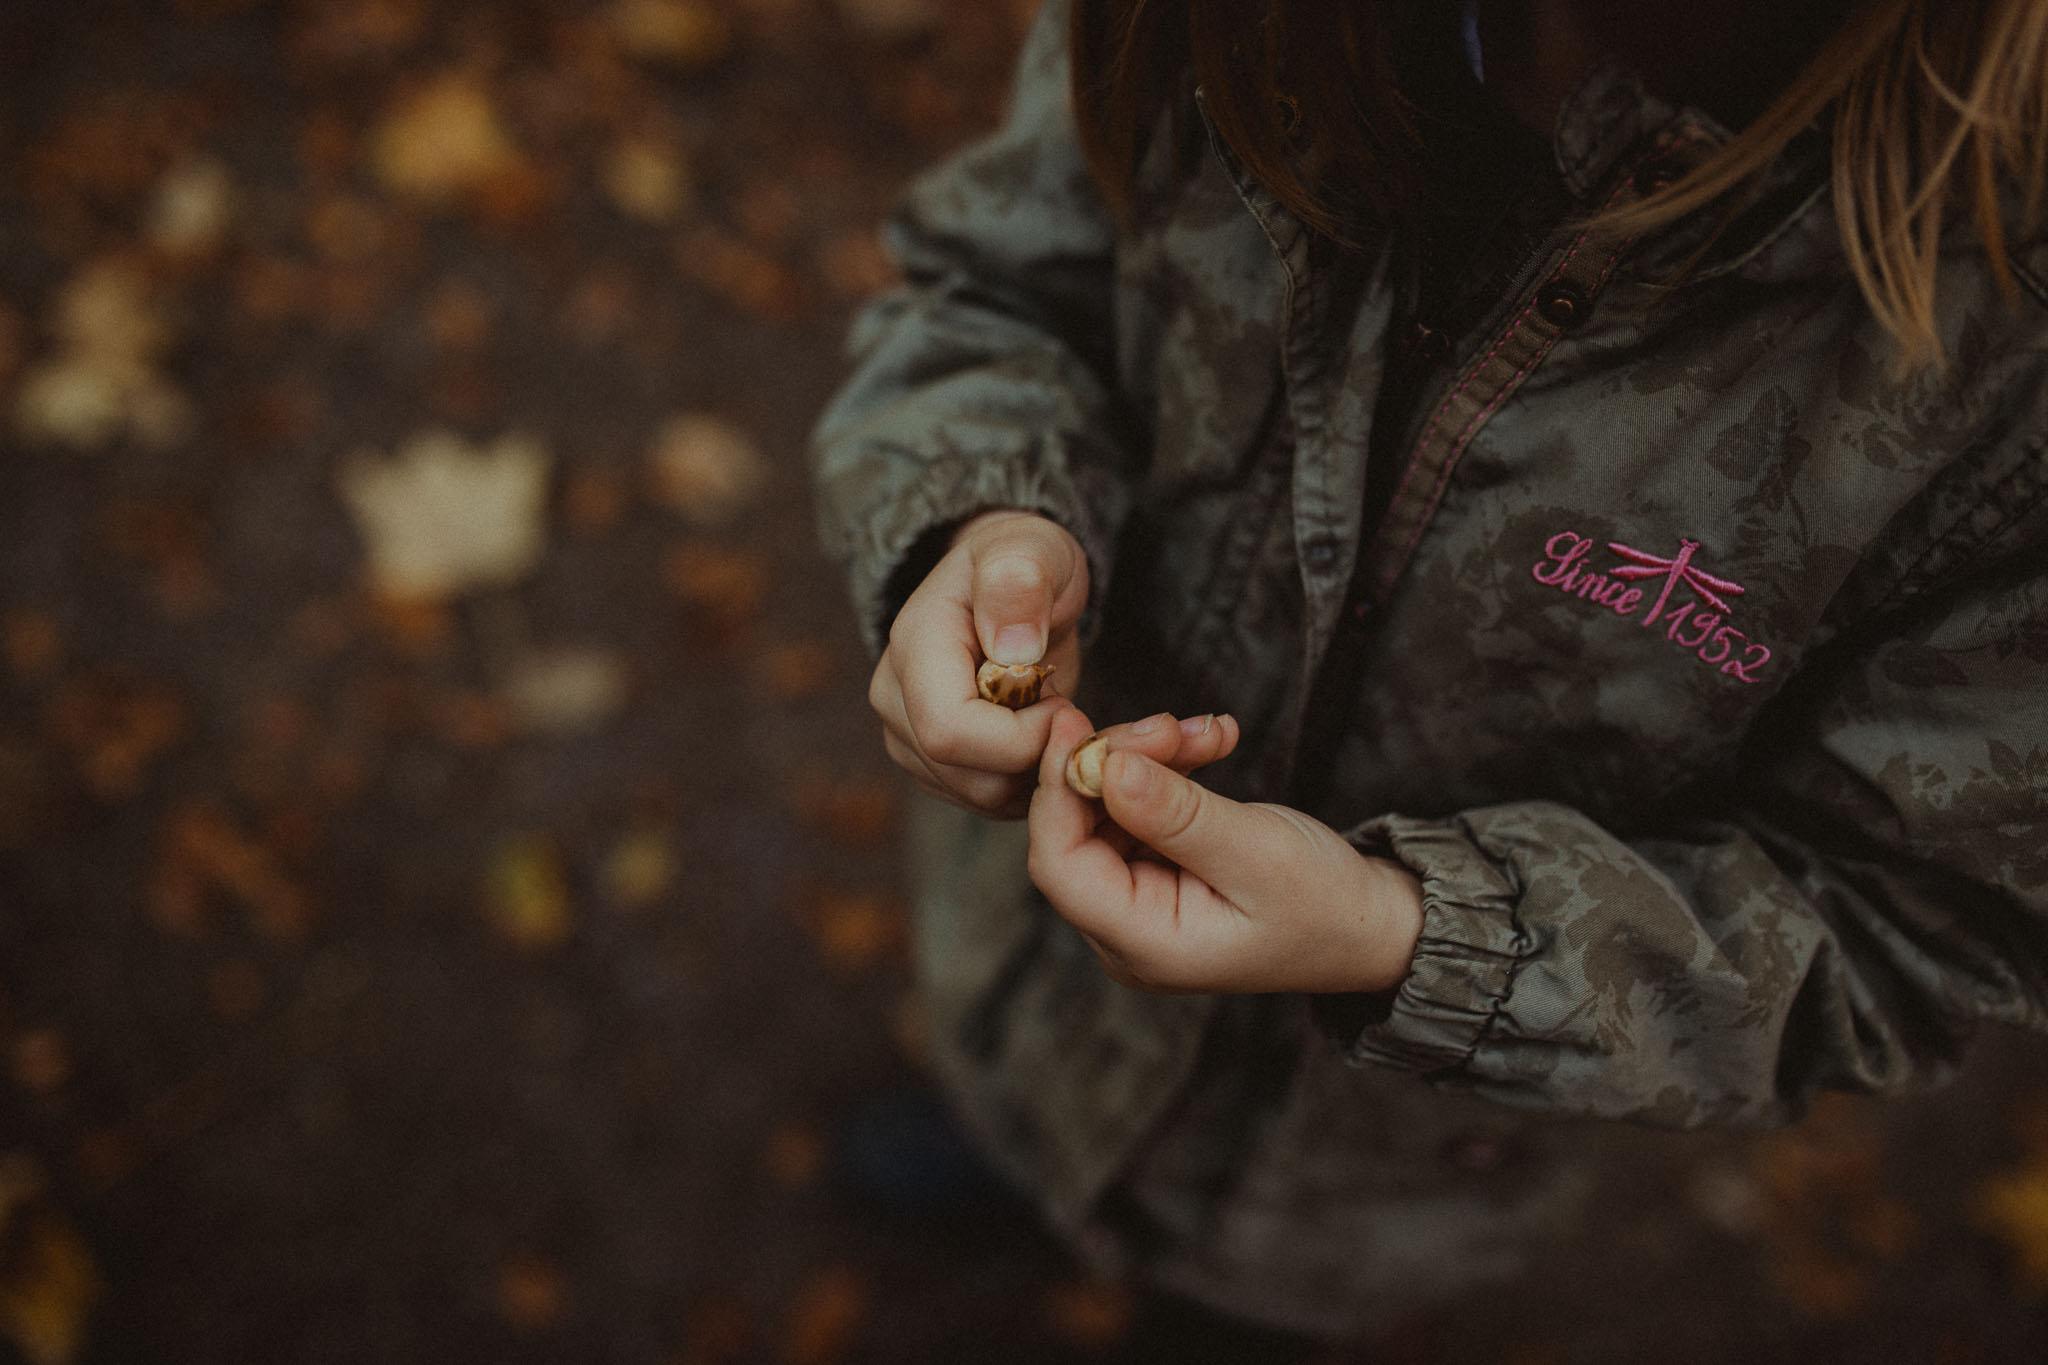 Kinderhände, die eine Eichel halten und untersuchen